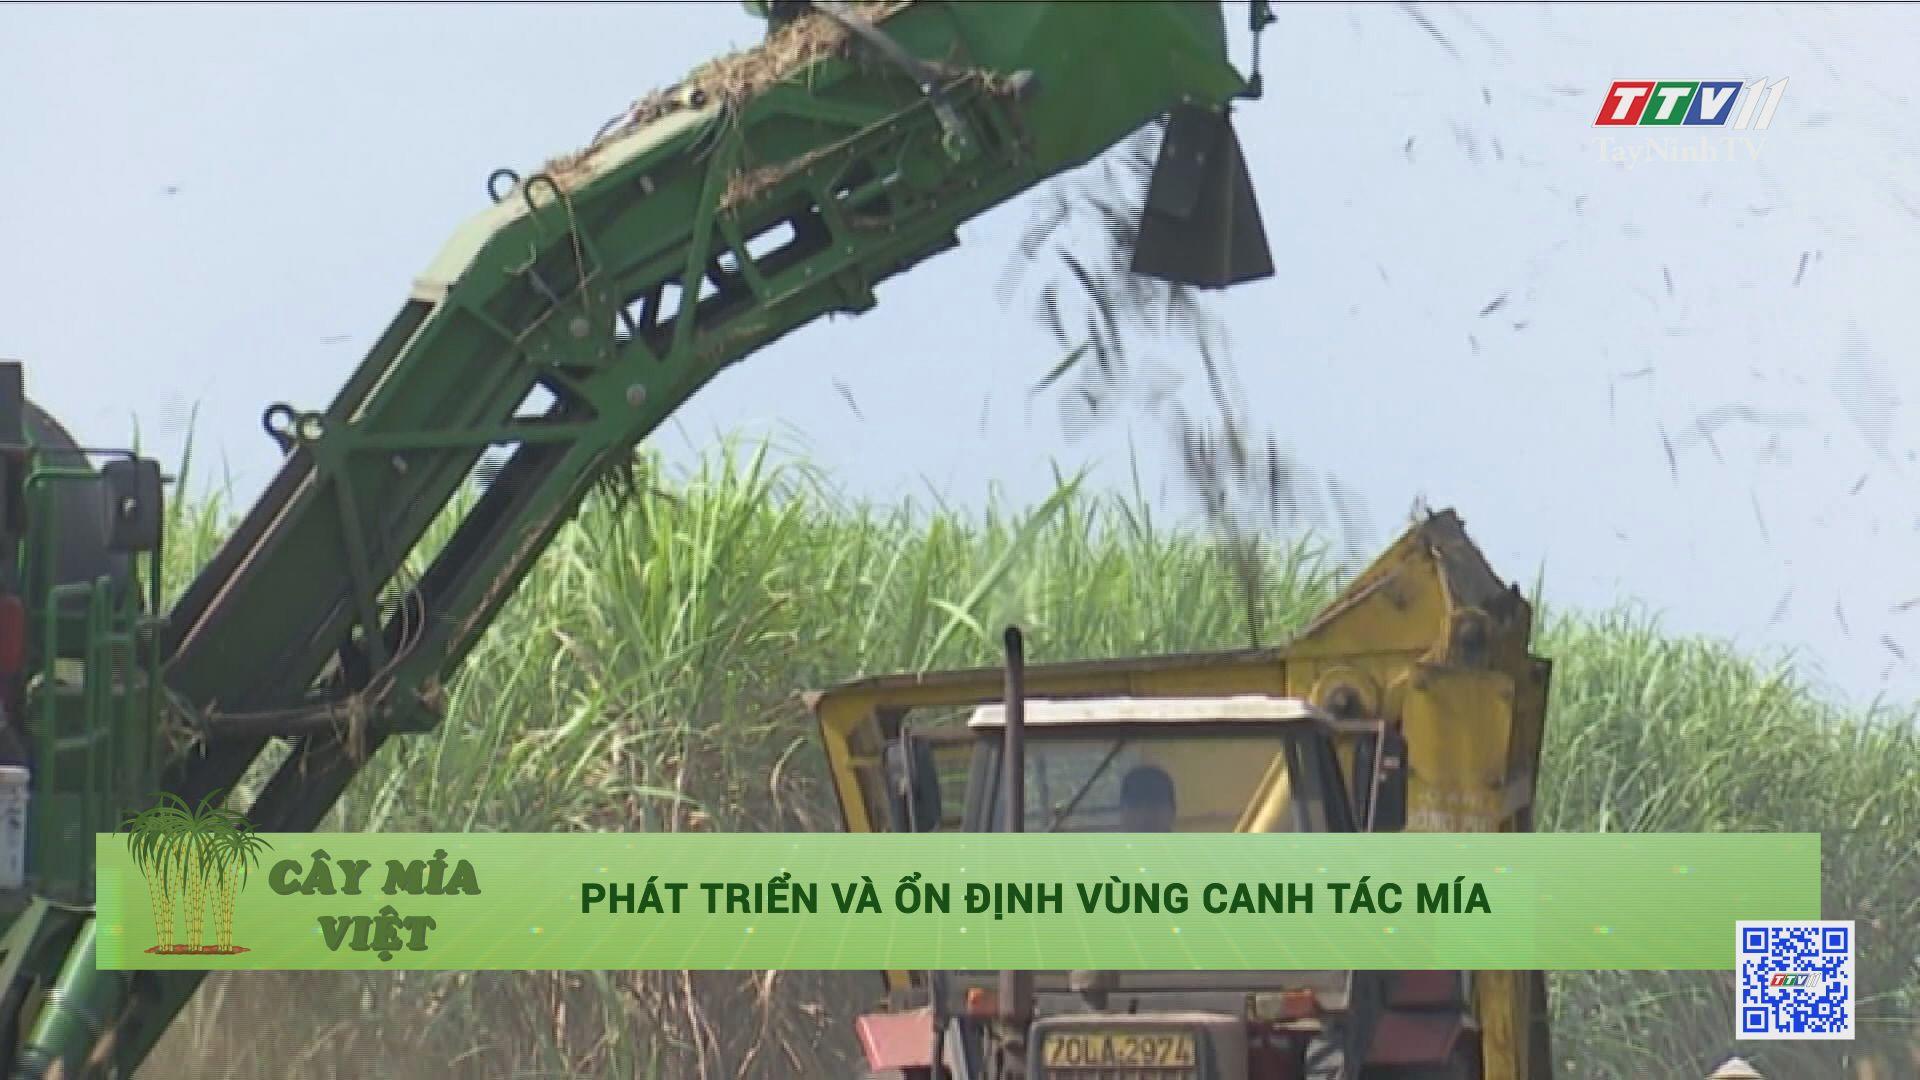 Phát triển và ổn định vùng canh tác mía | CÂY MÍA VIỆT | TayNinhTV